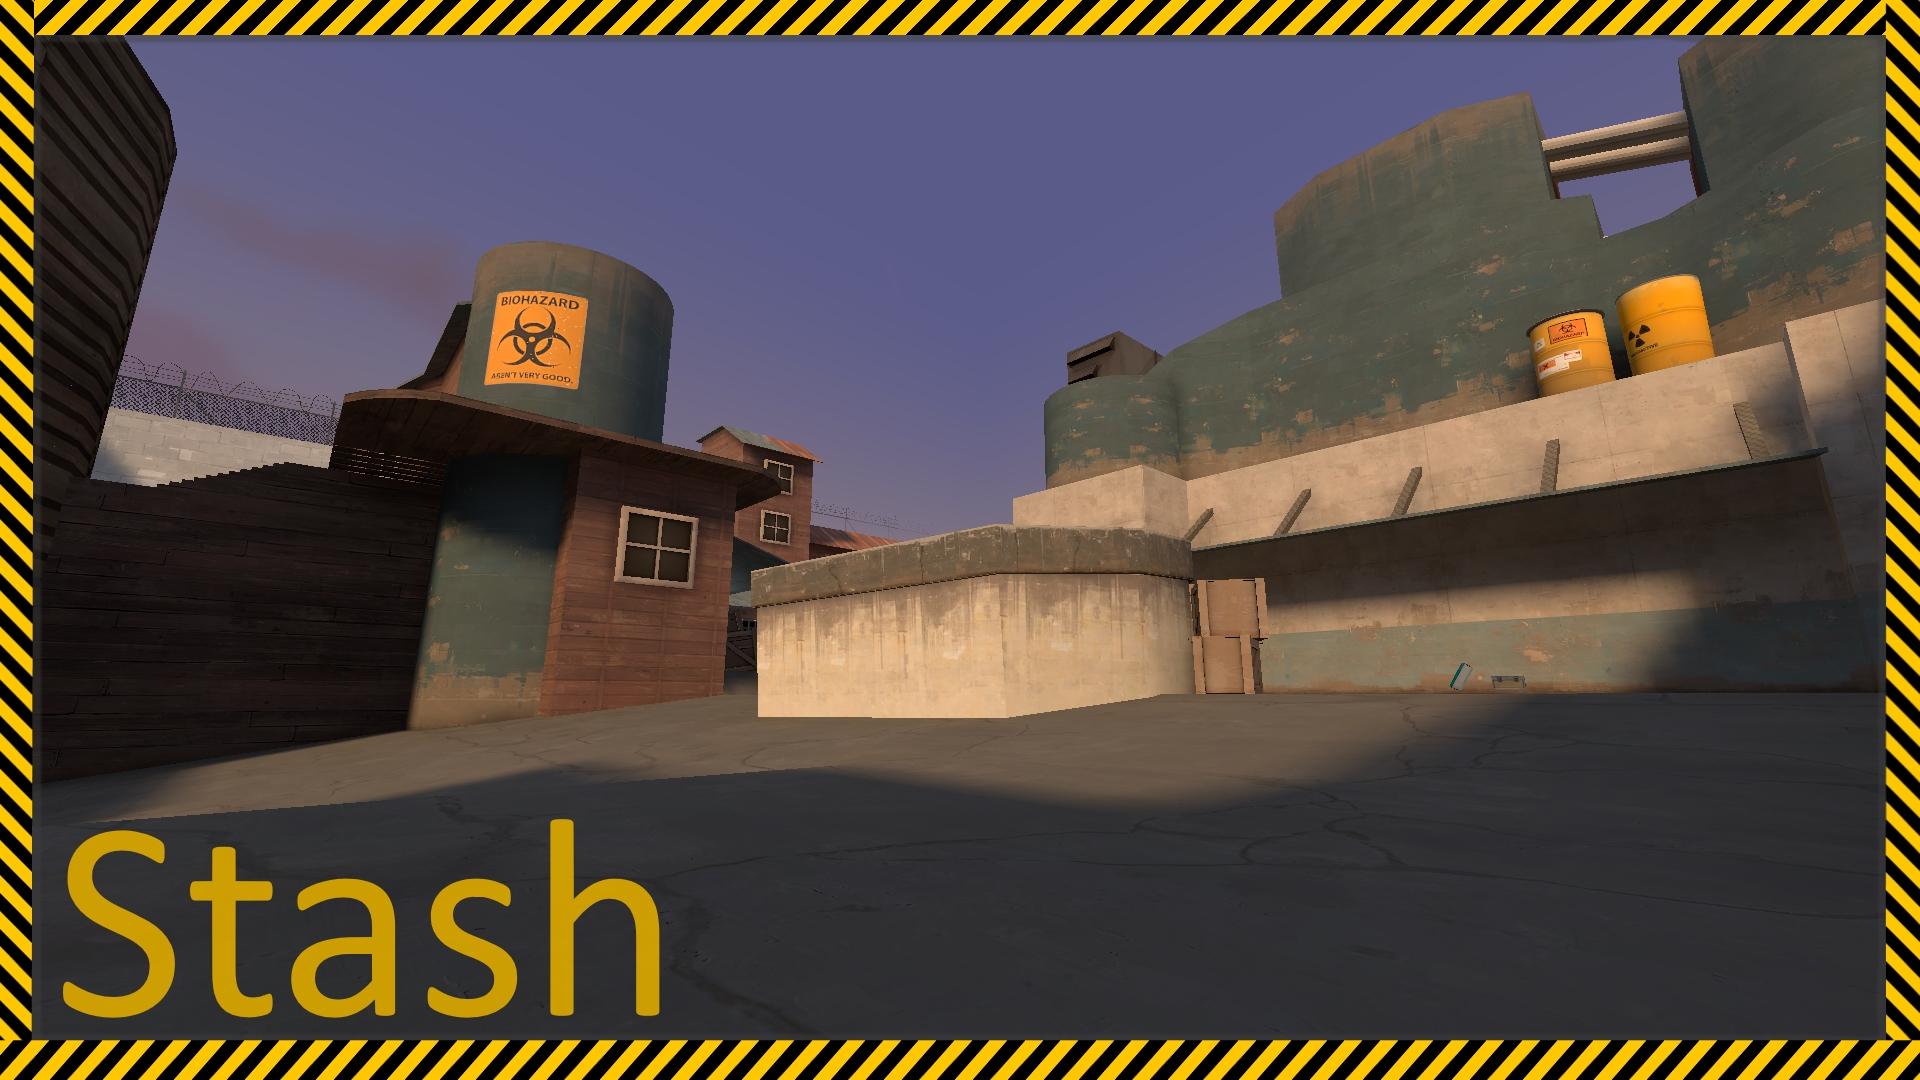 stash_b4_6.jpg